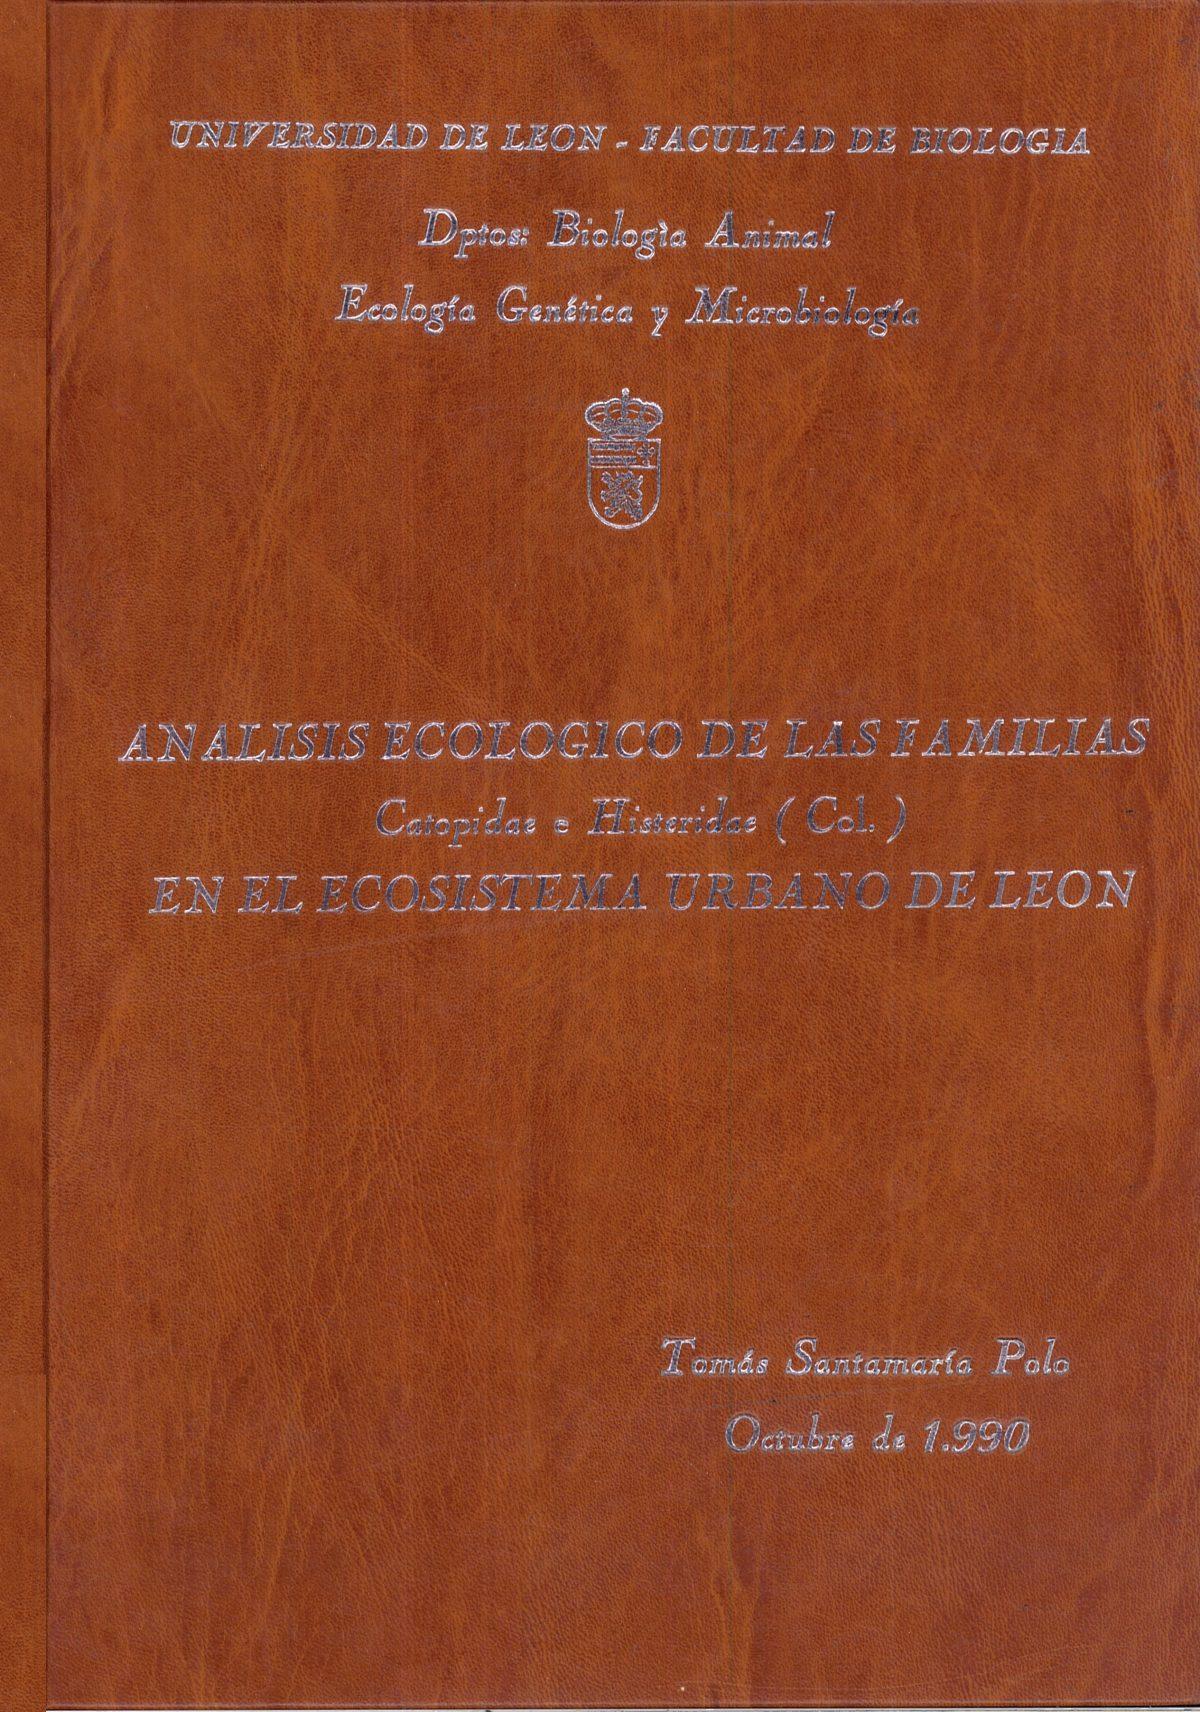 «Análisis ecológico de las familias Catopidae e Histeridae (Col.) en el ecosistema urbano de León»